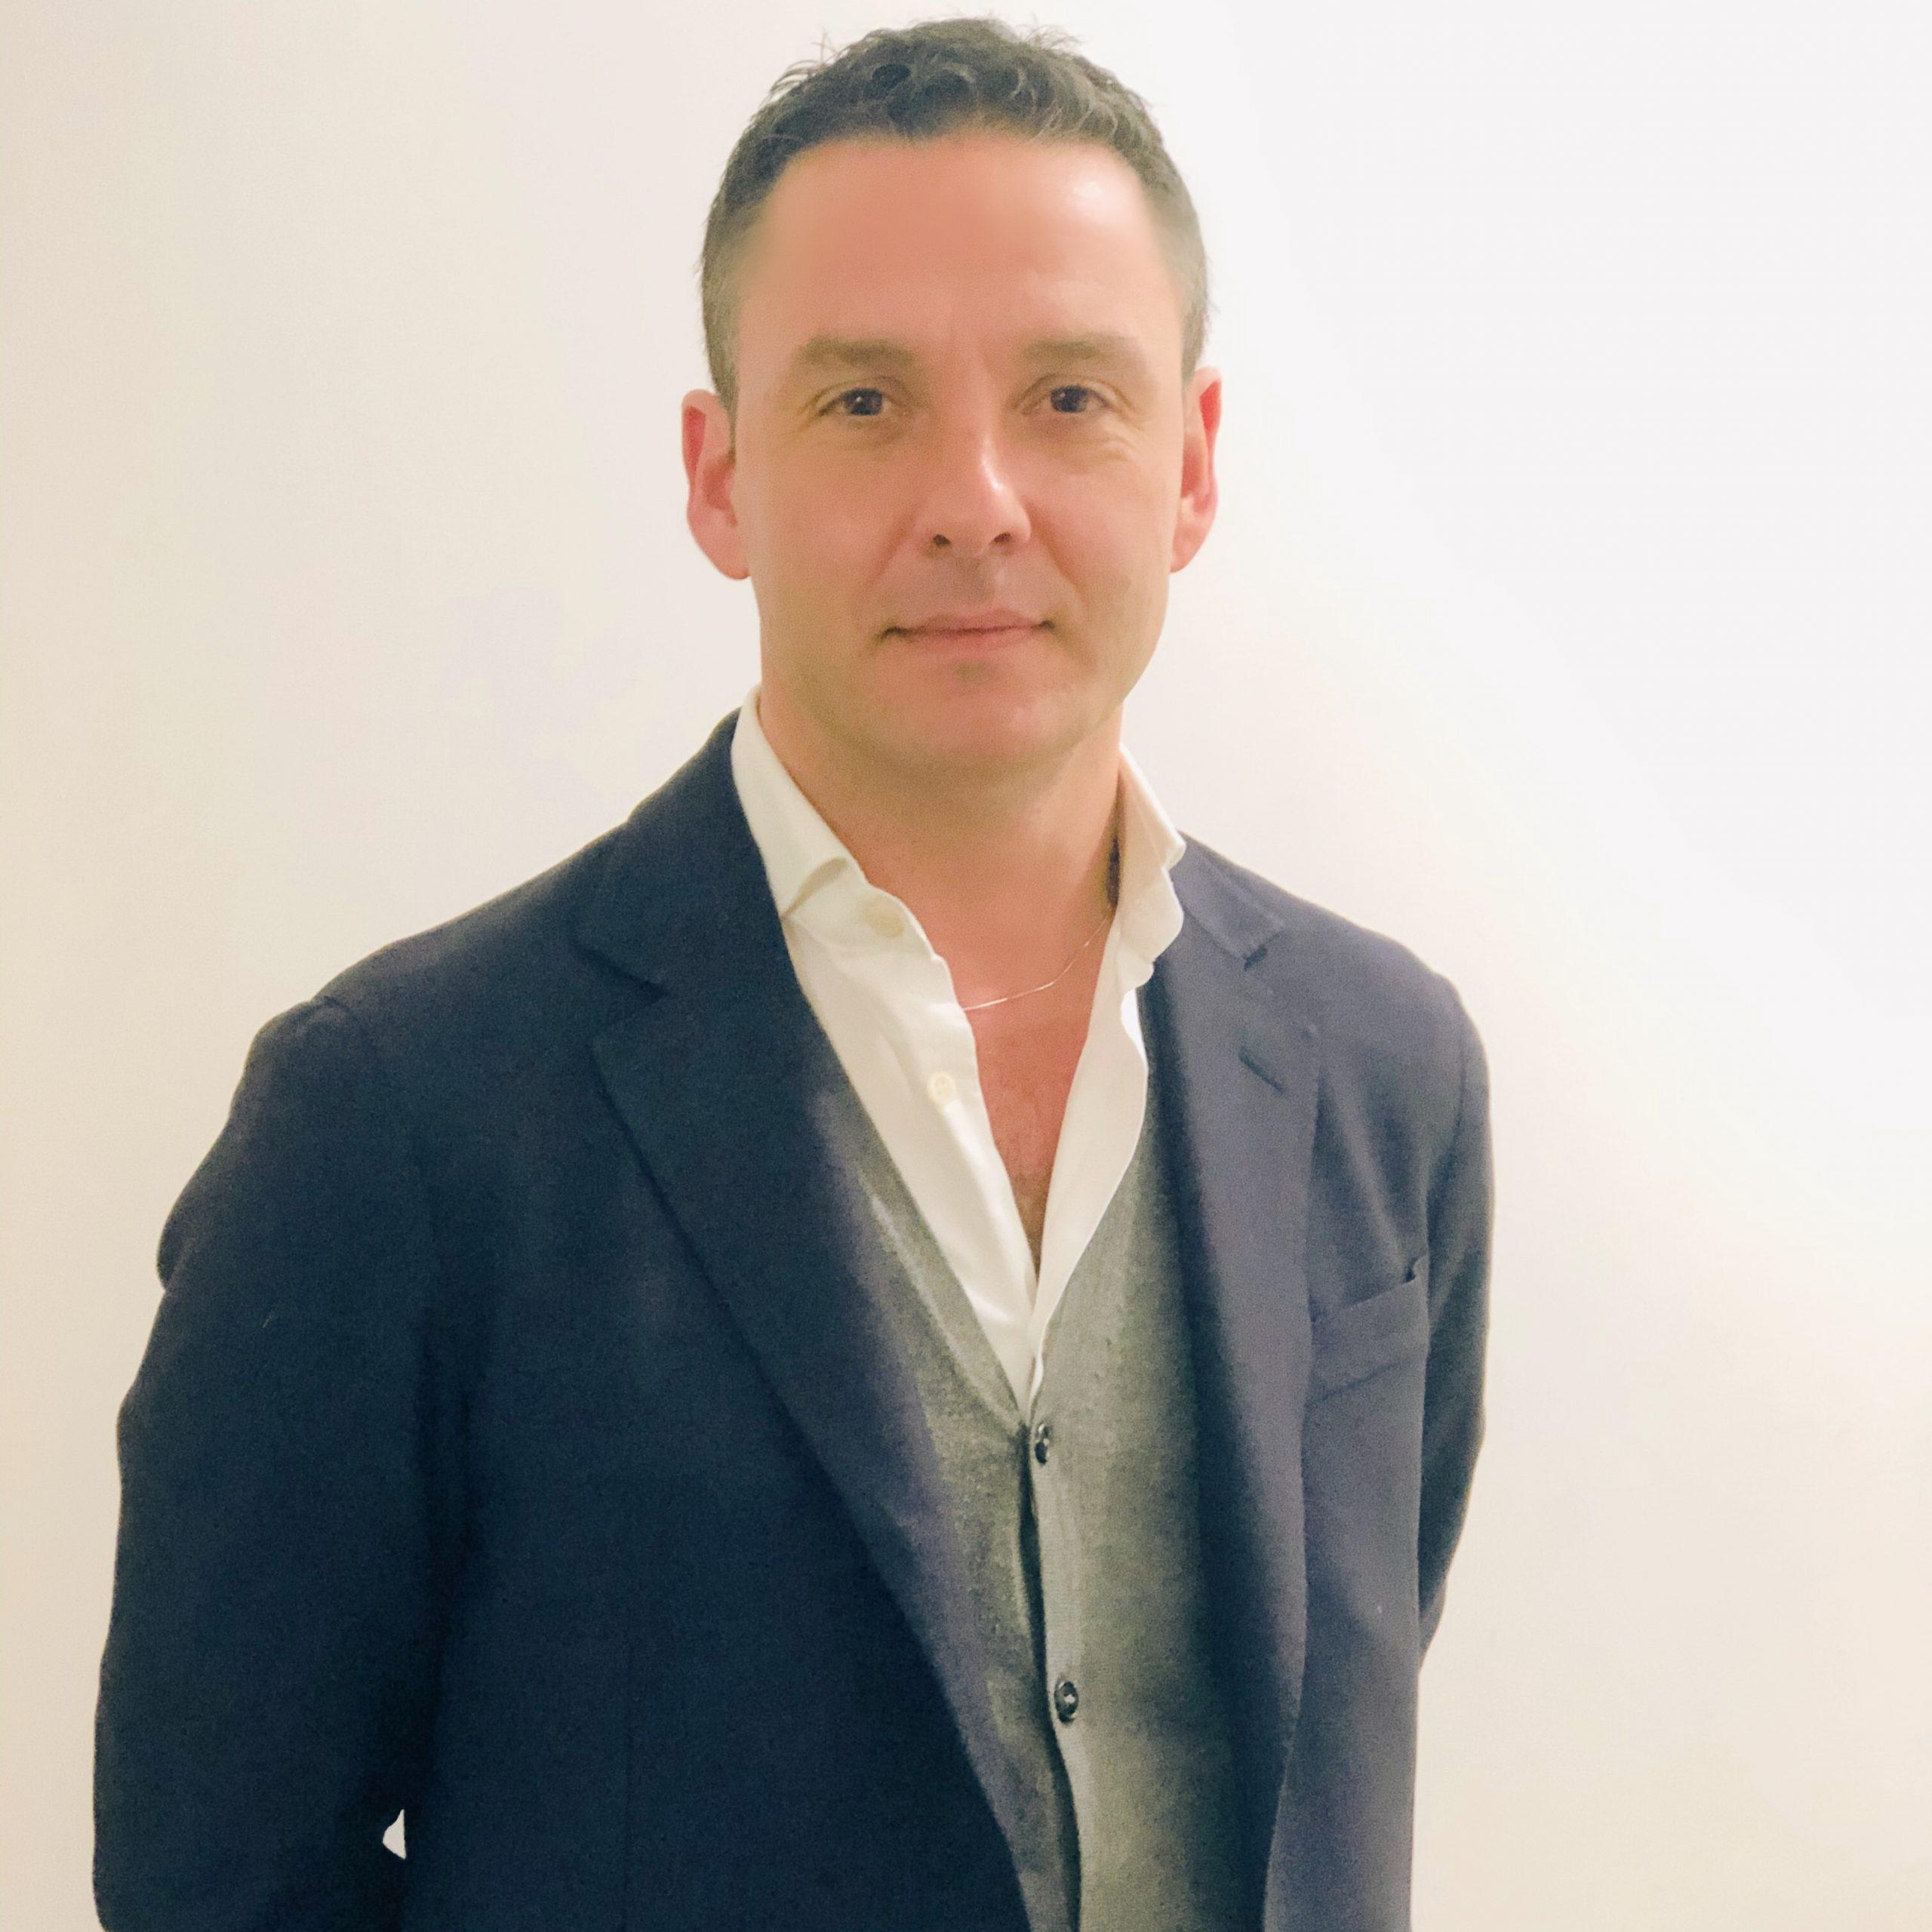 Matteo Ing. Parisio